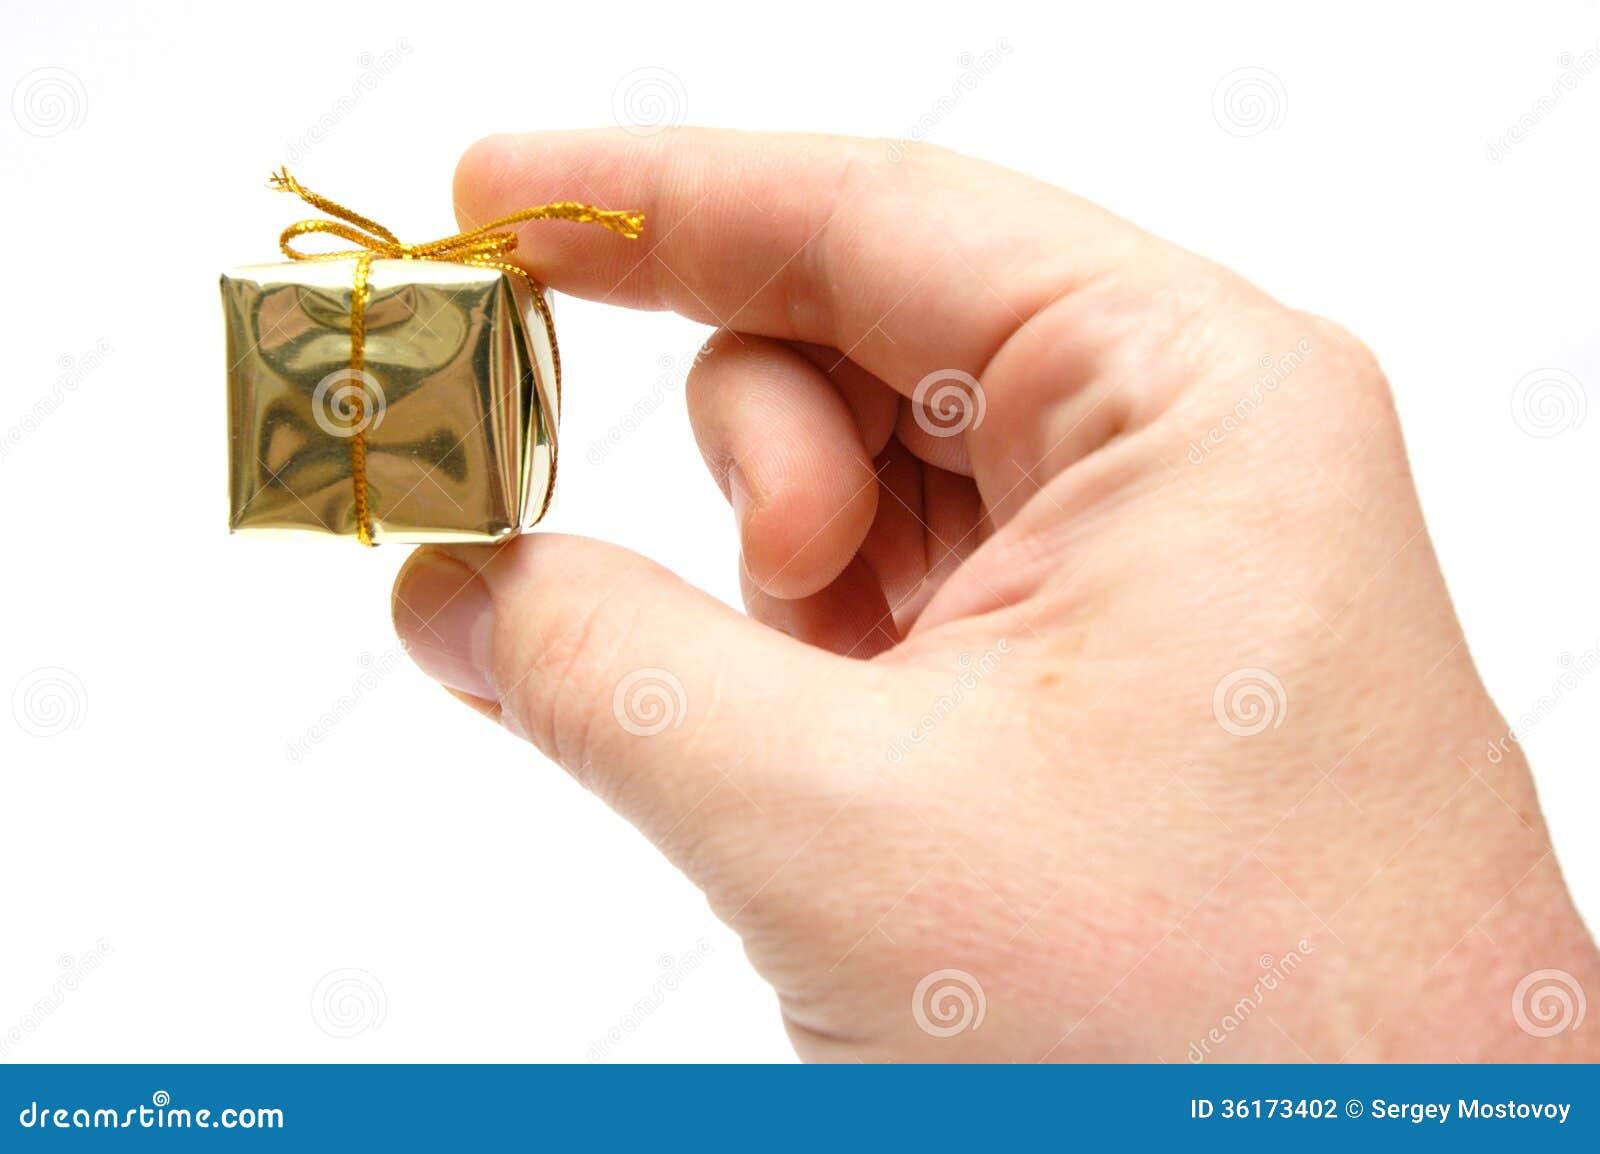 kleines geschenk stockfoto bild von gold geben getrennt 36173402. Black Bedroom Furniture Sets. Home Design Ideas